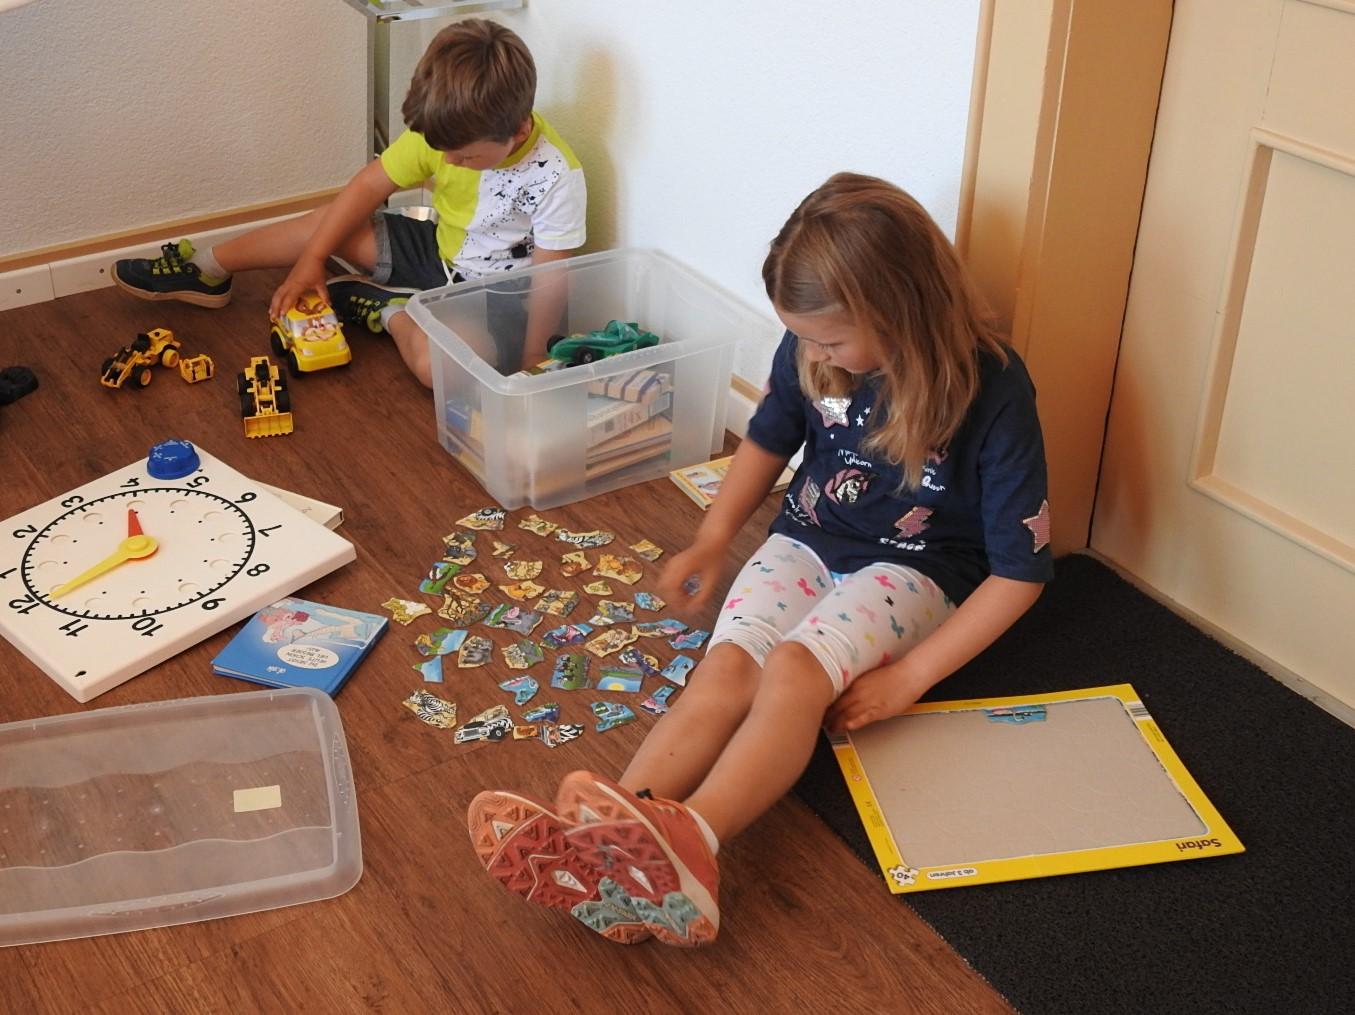 Spielsachen machen die Zeit, in der Mami oder Papi in der Behandlung ist, kurzweiliger.